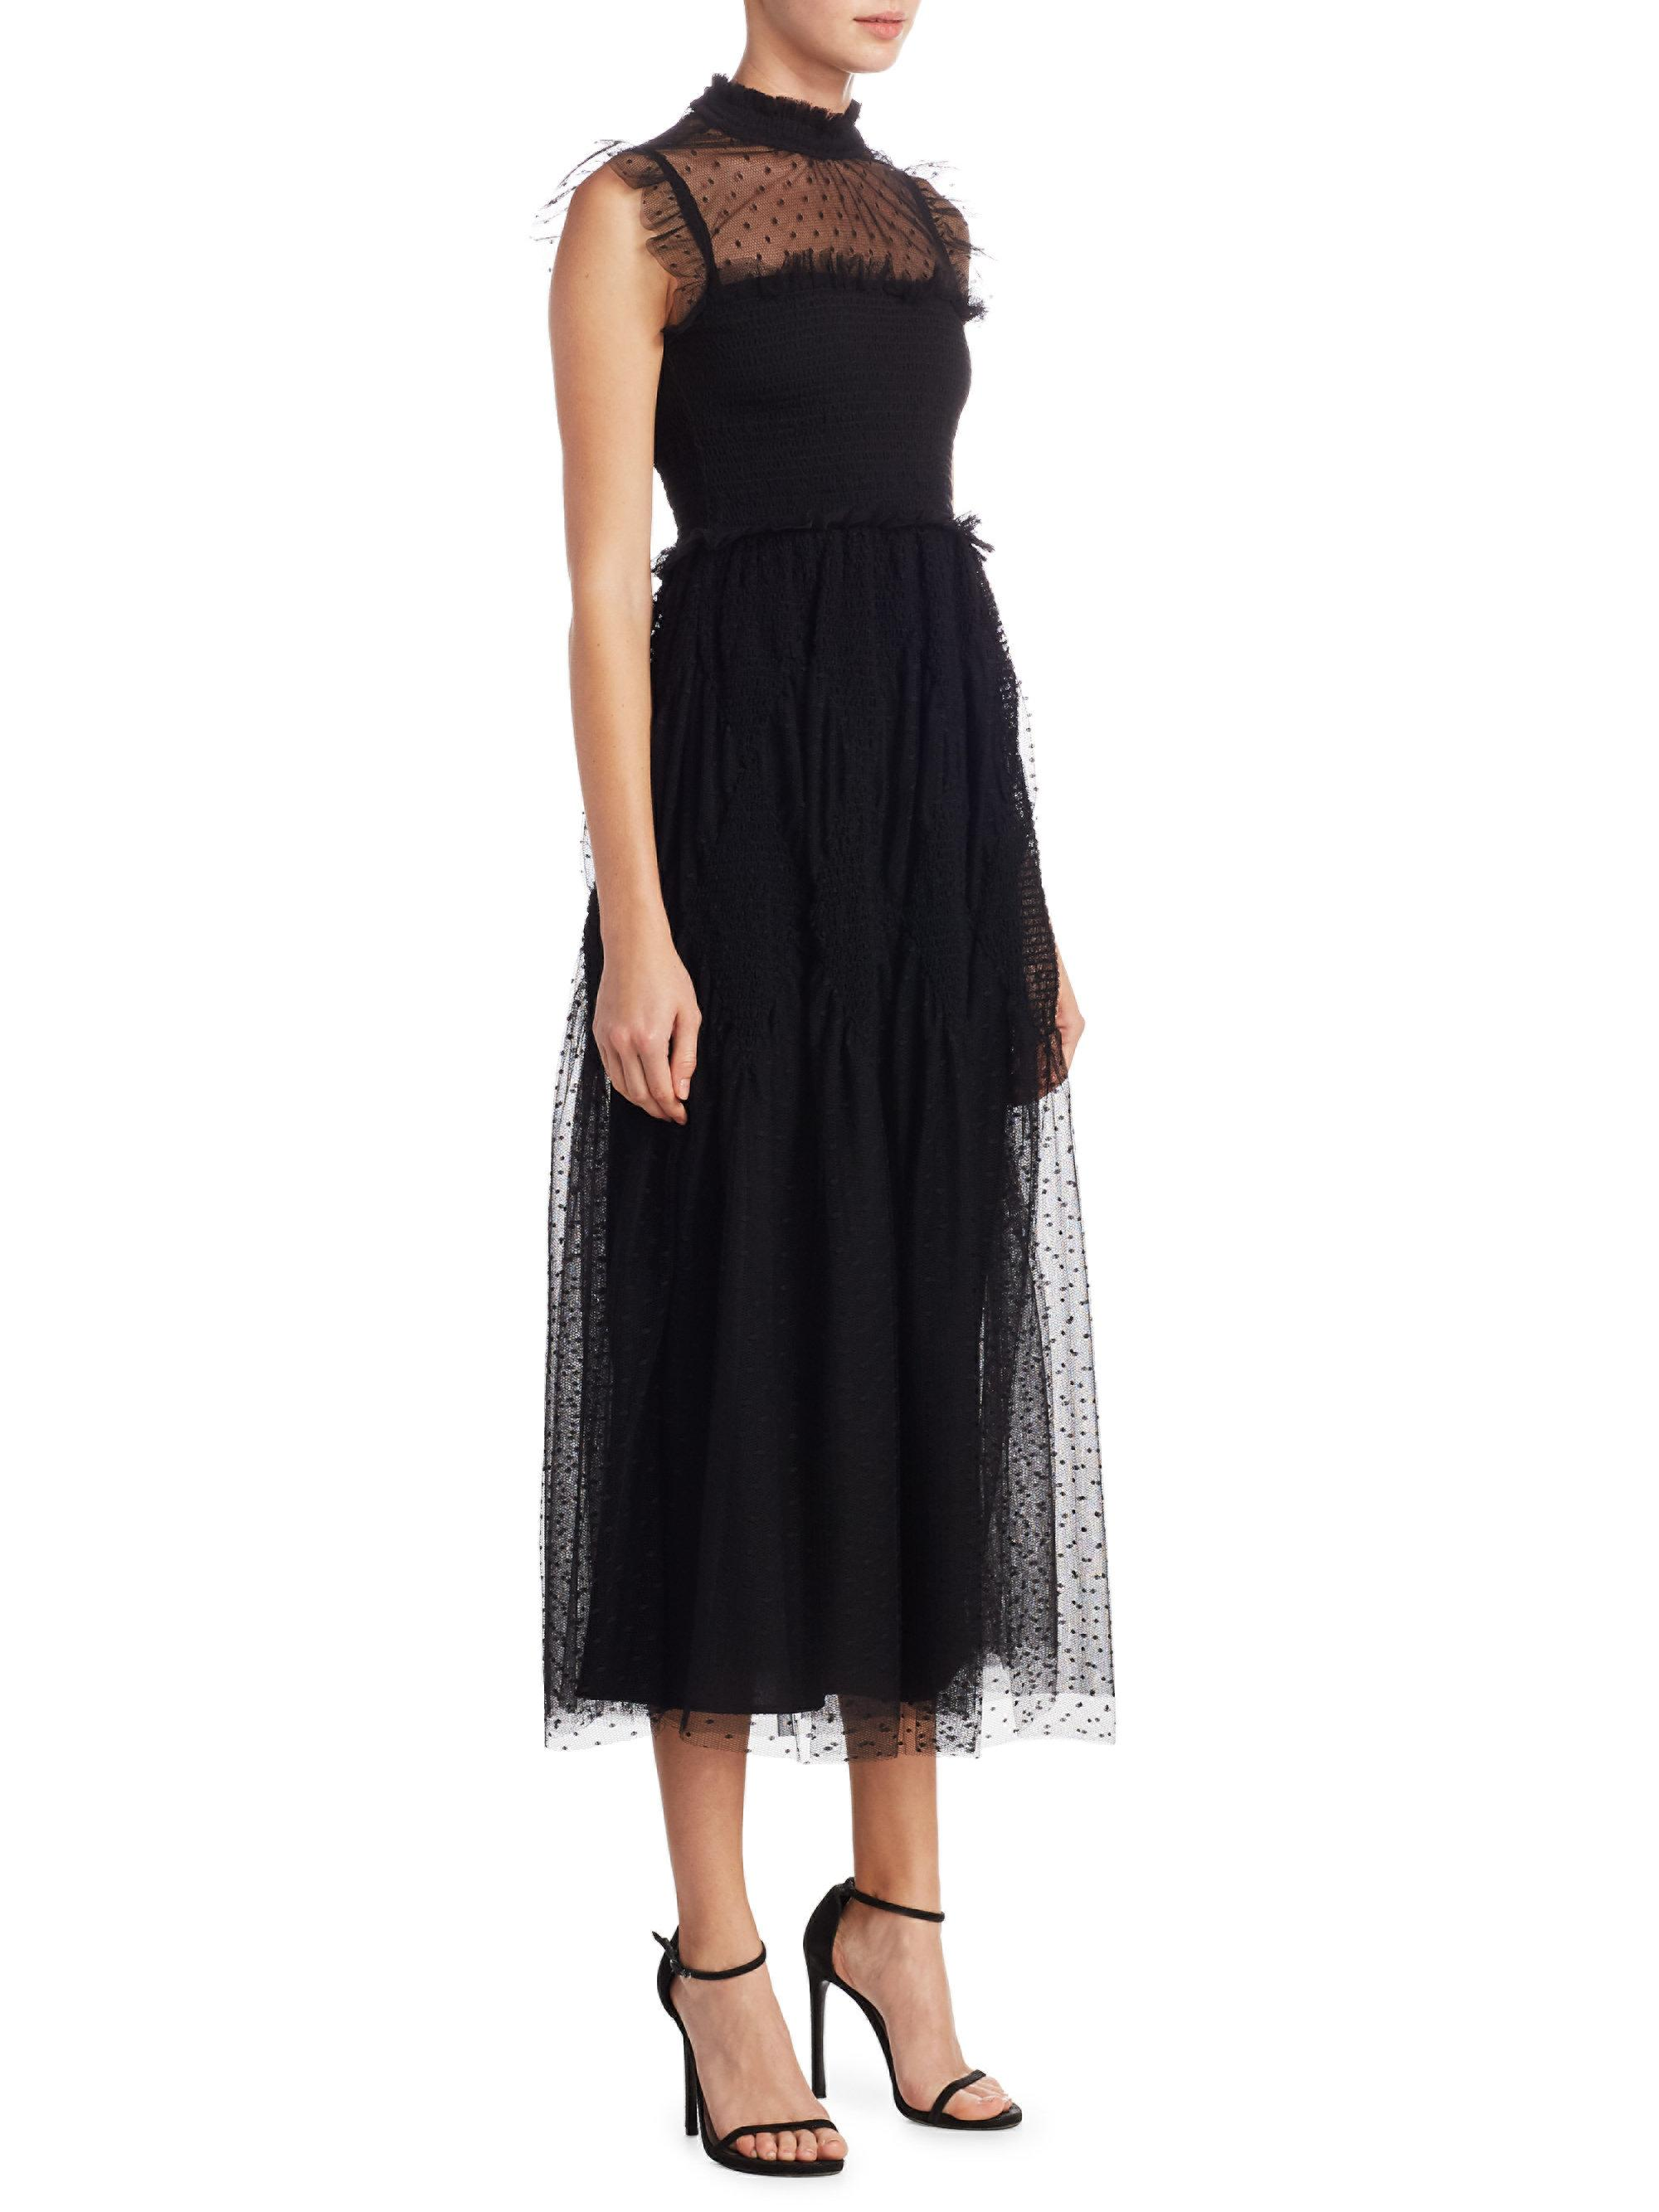 d2192f58fd9 RED Valentino Polka Dot Maxi A-line Dress in Black - Lyst